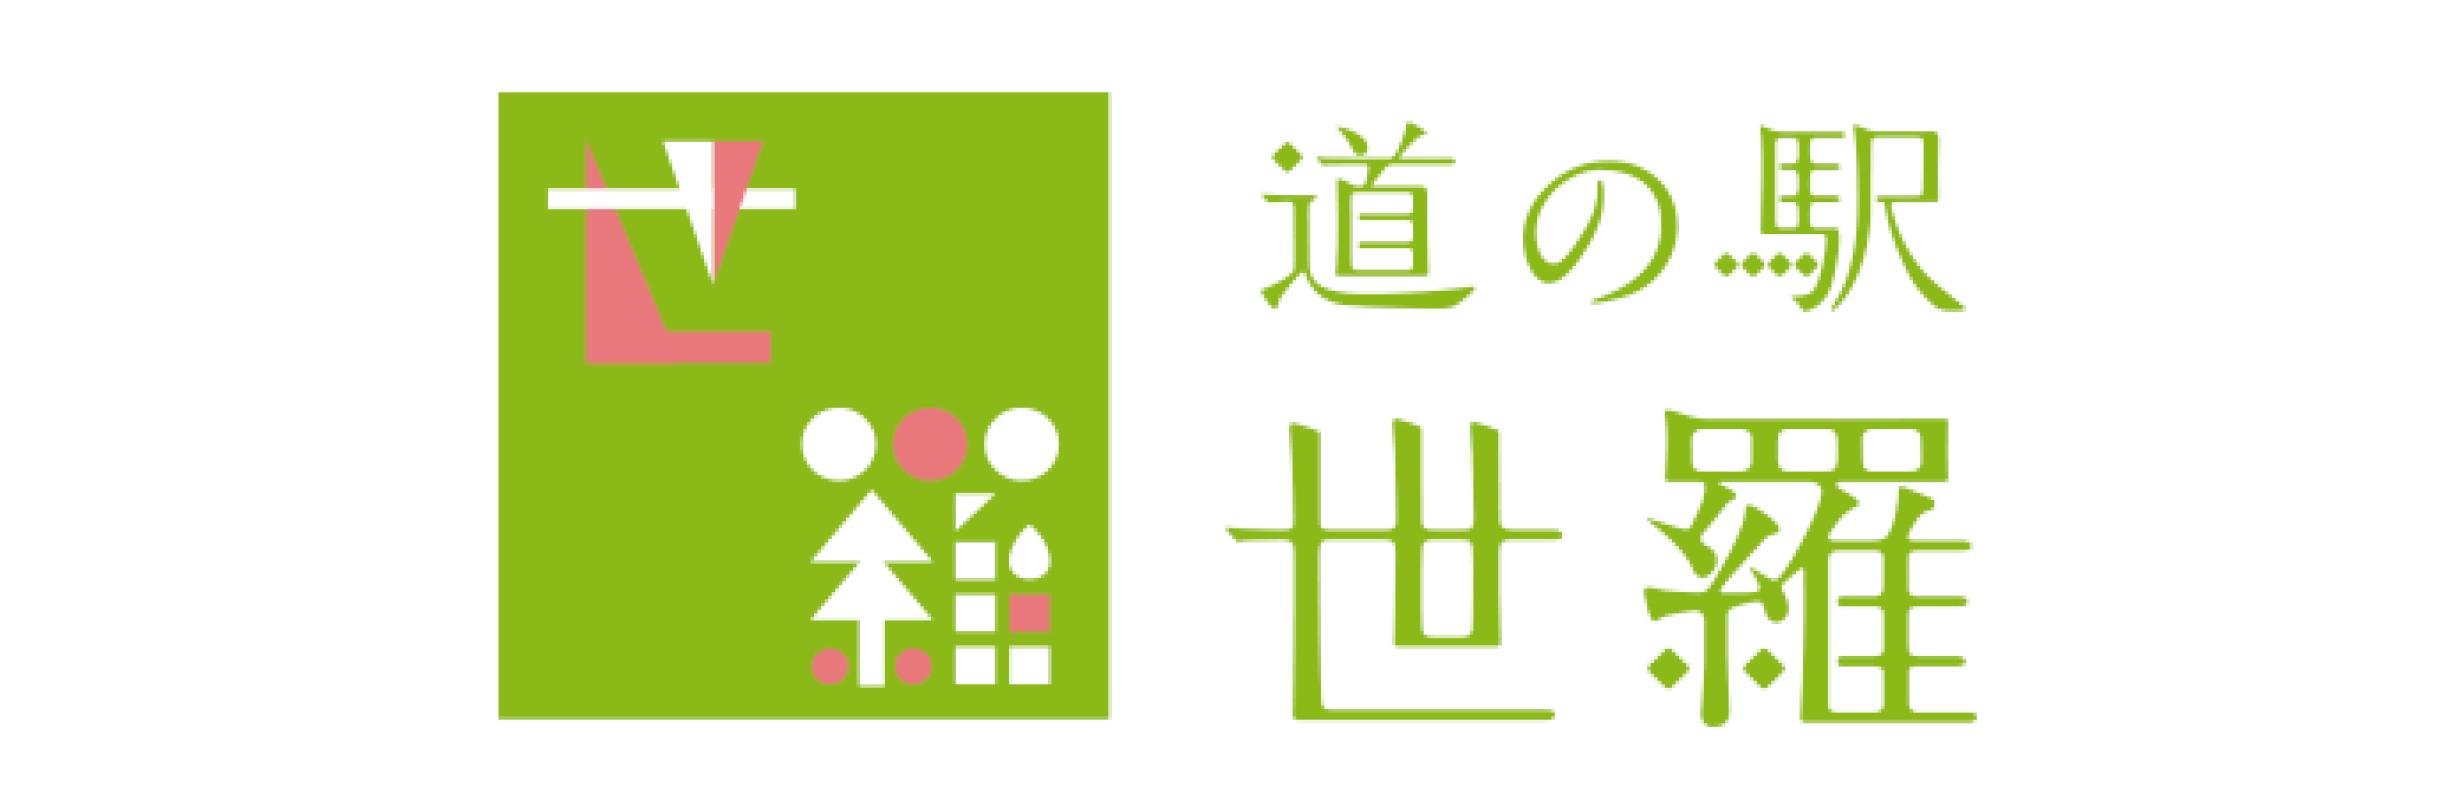 道の駅世羅ロゴ